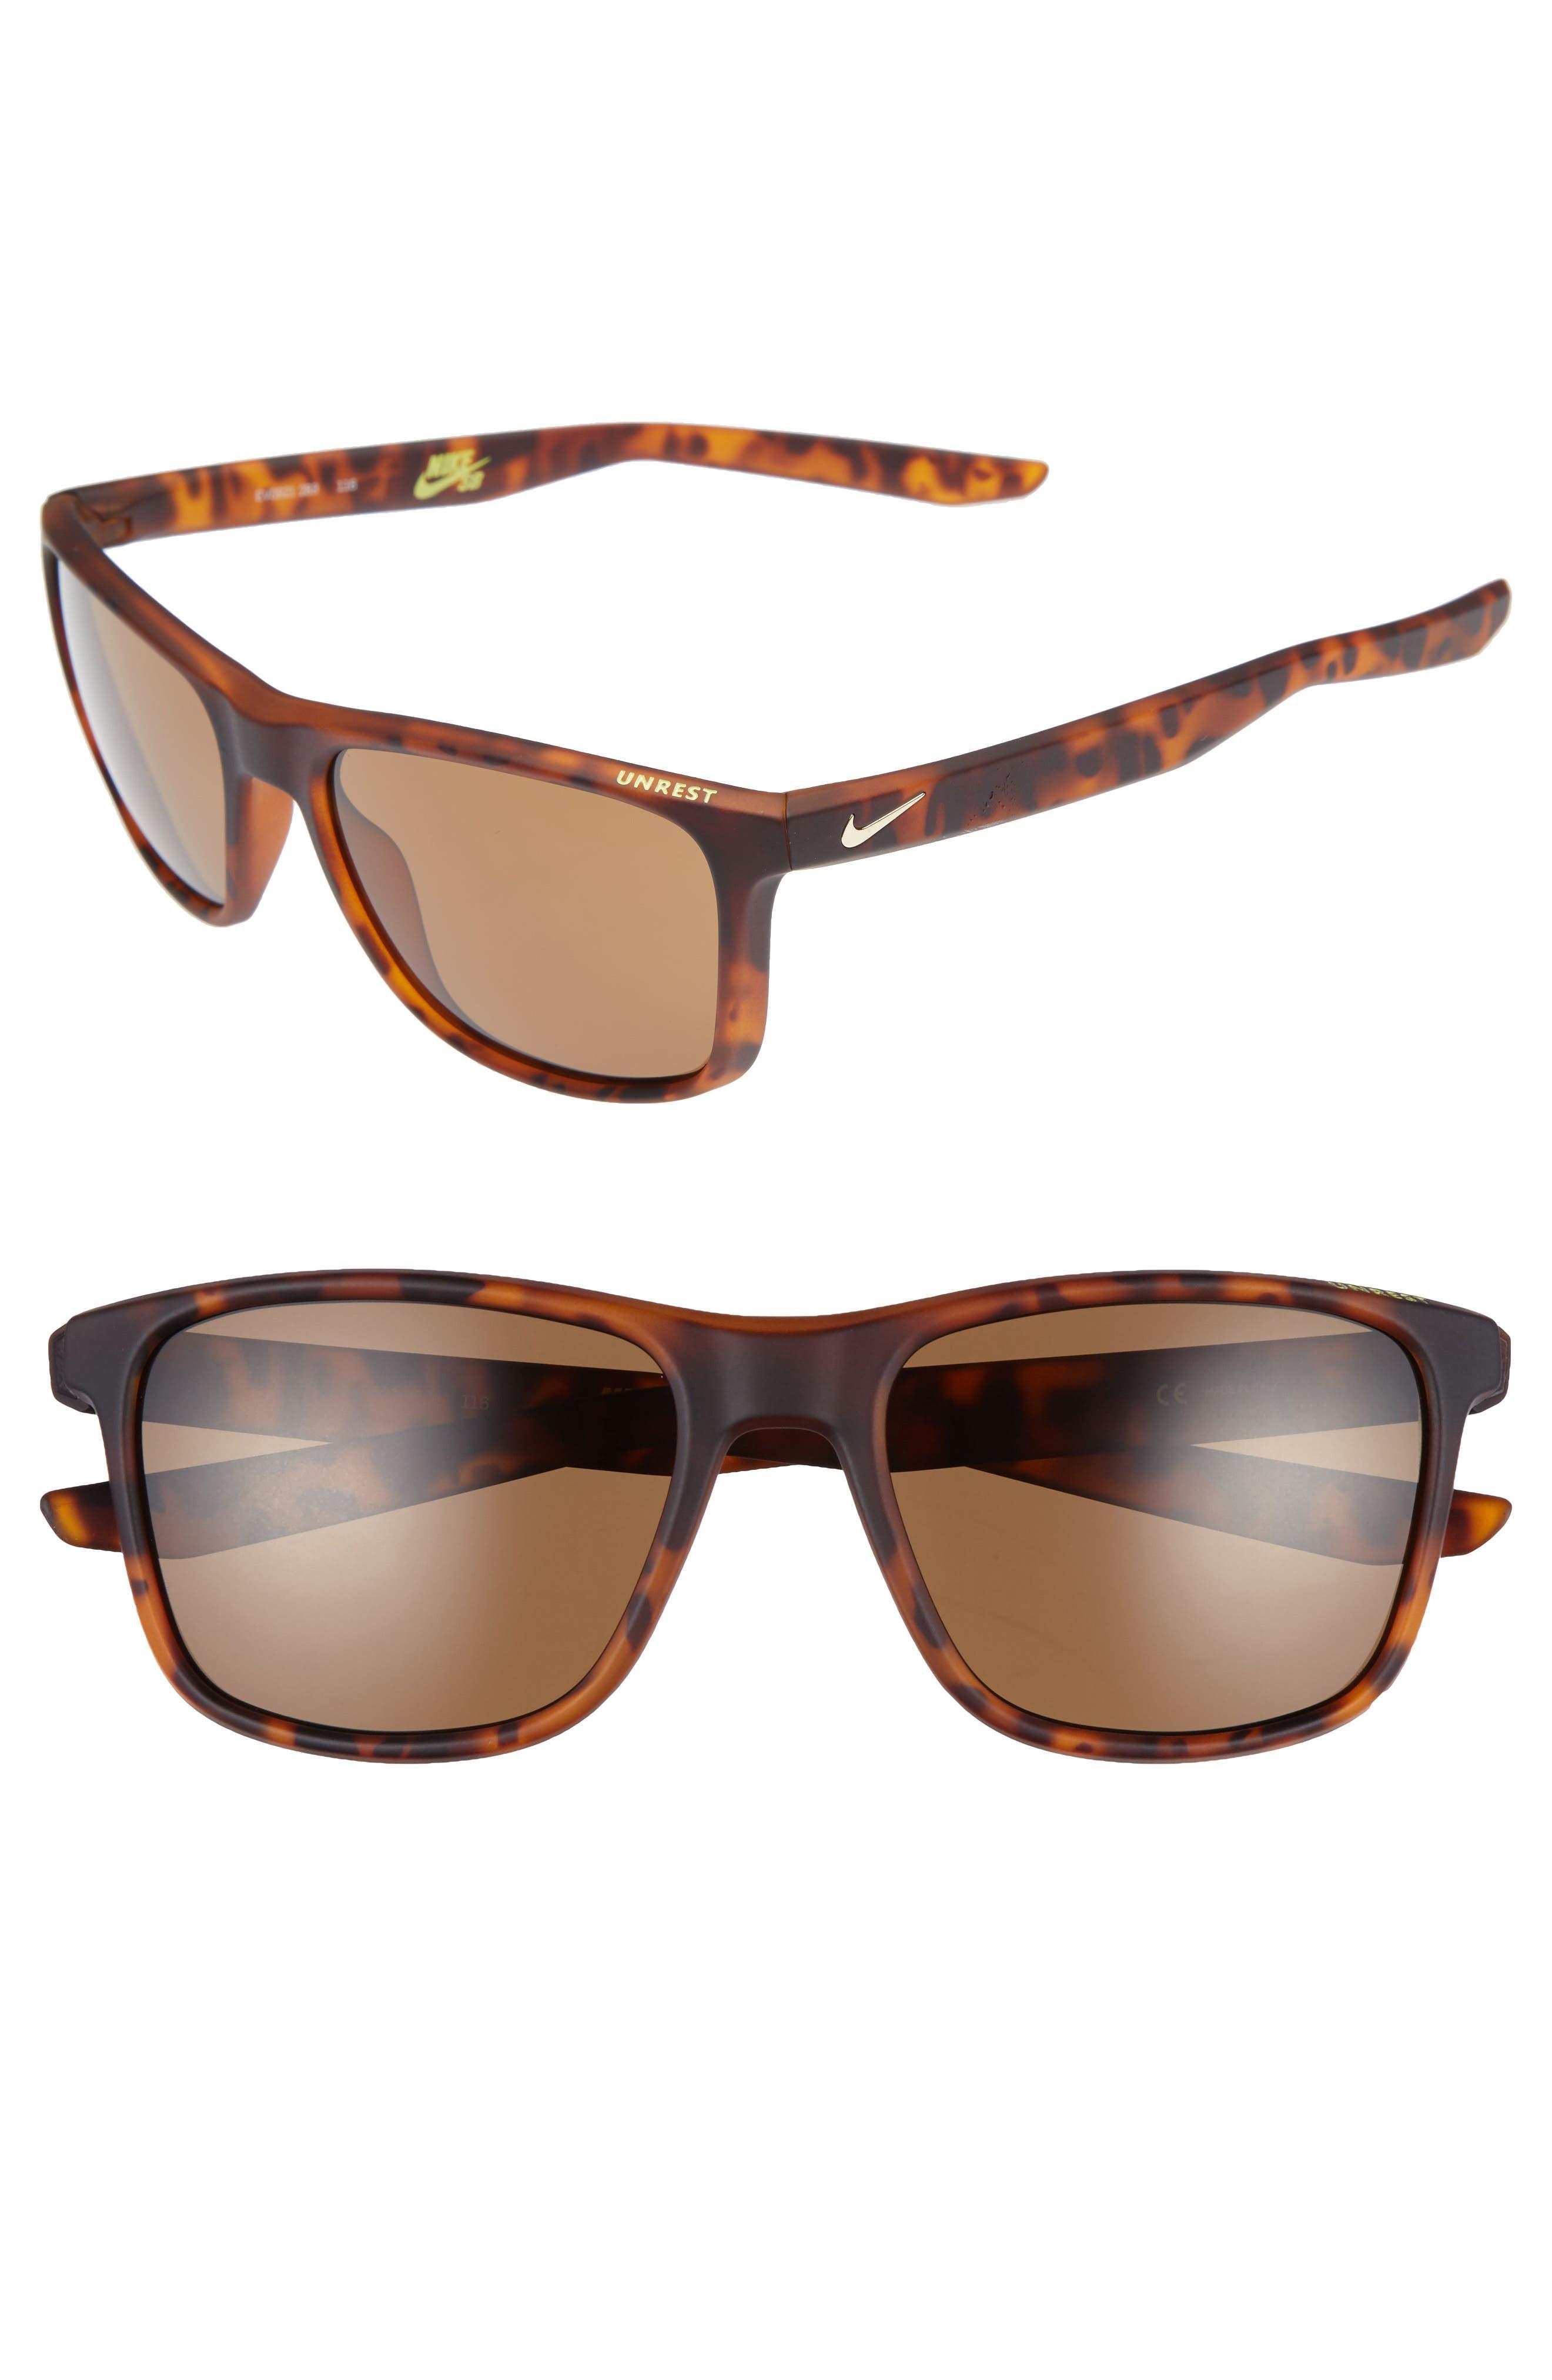 NIKE Unrest 57mm Sunglasses